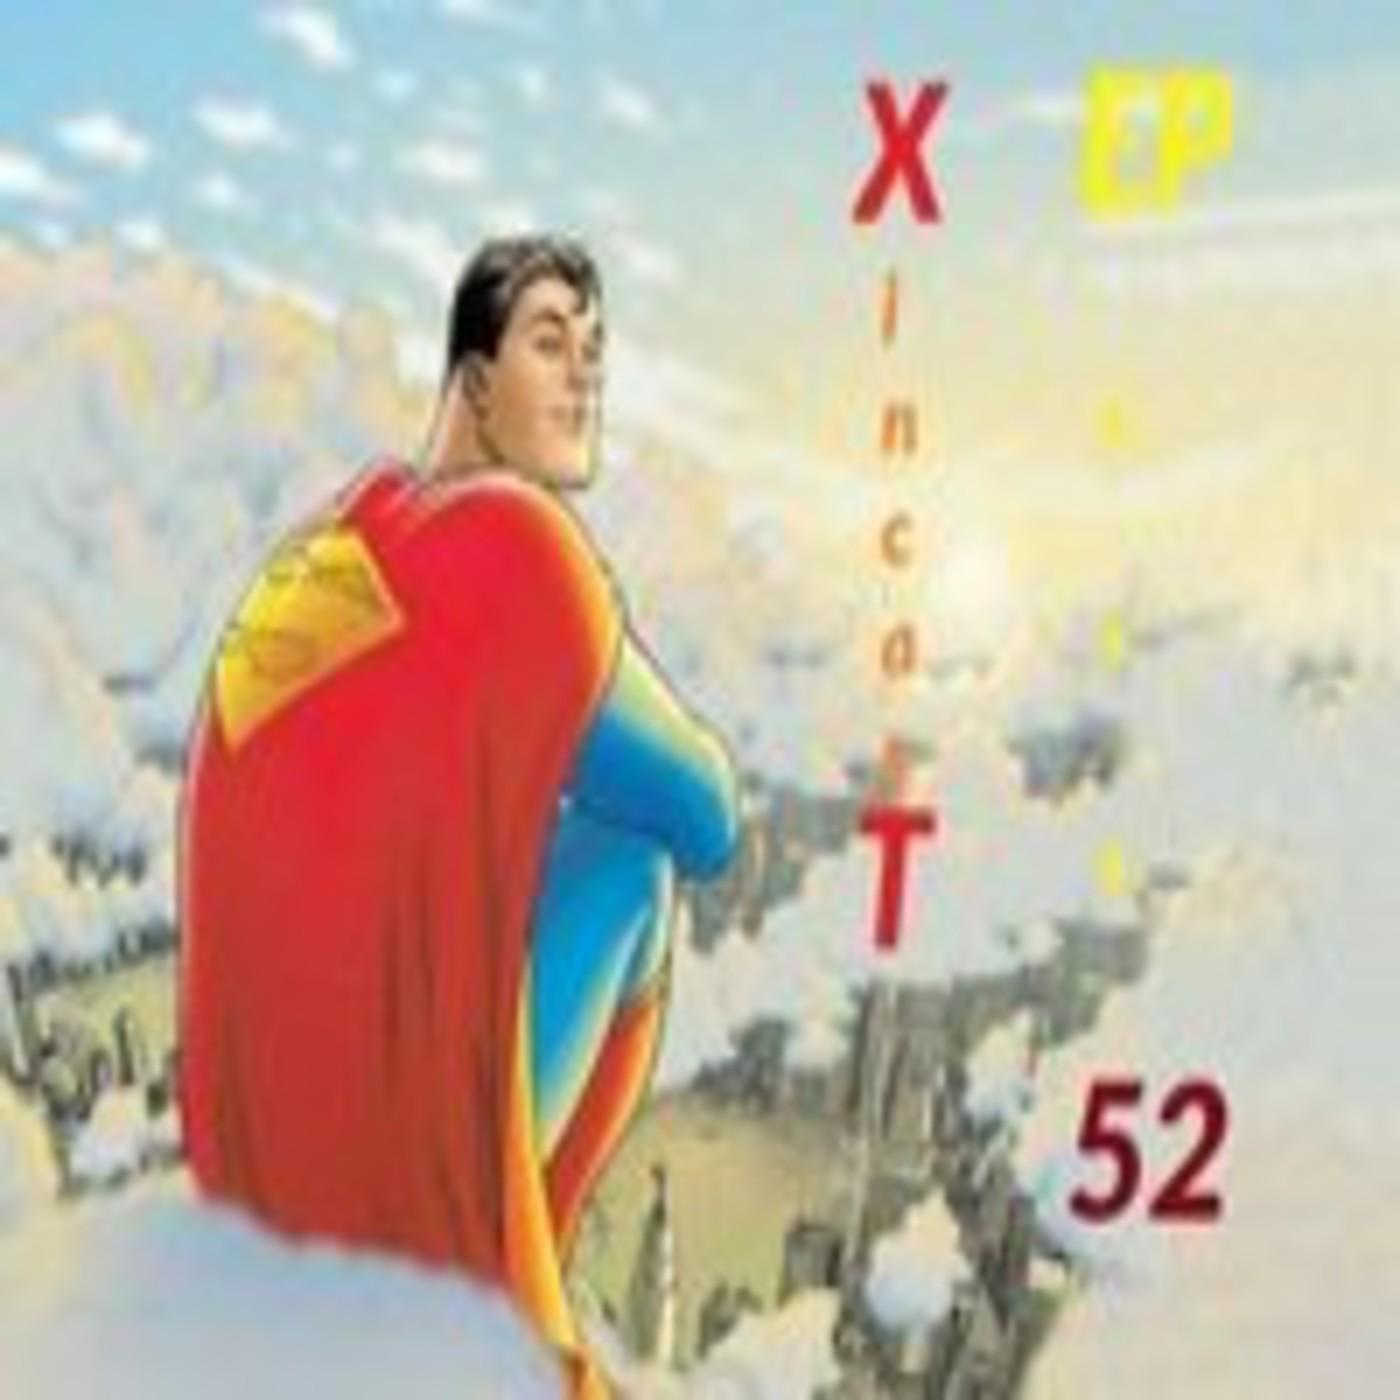 XincasT...ep52 Entreviata con sirenos y el Tio Morielo